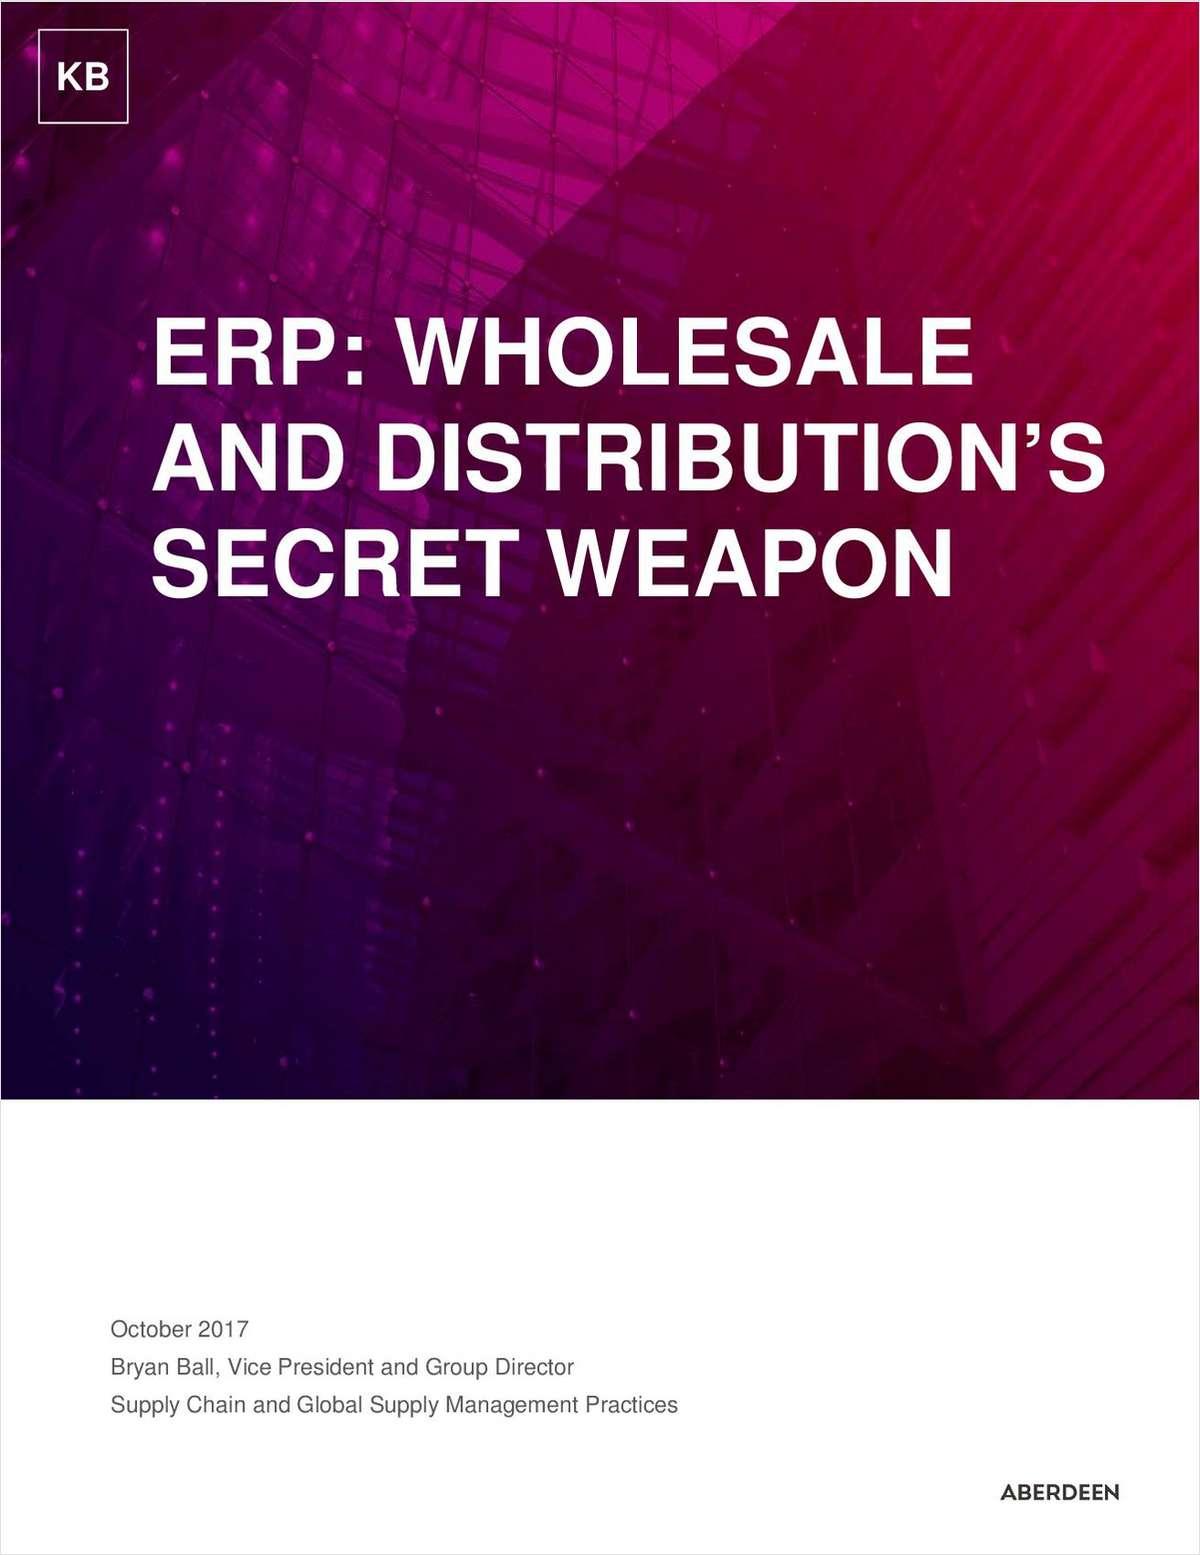 ERP: Wholesale Distribution's Secret Weapon